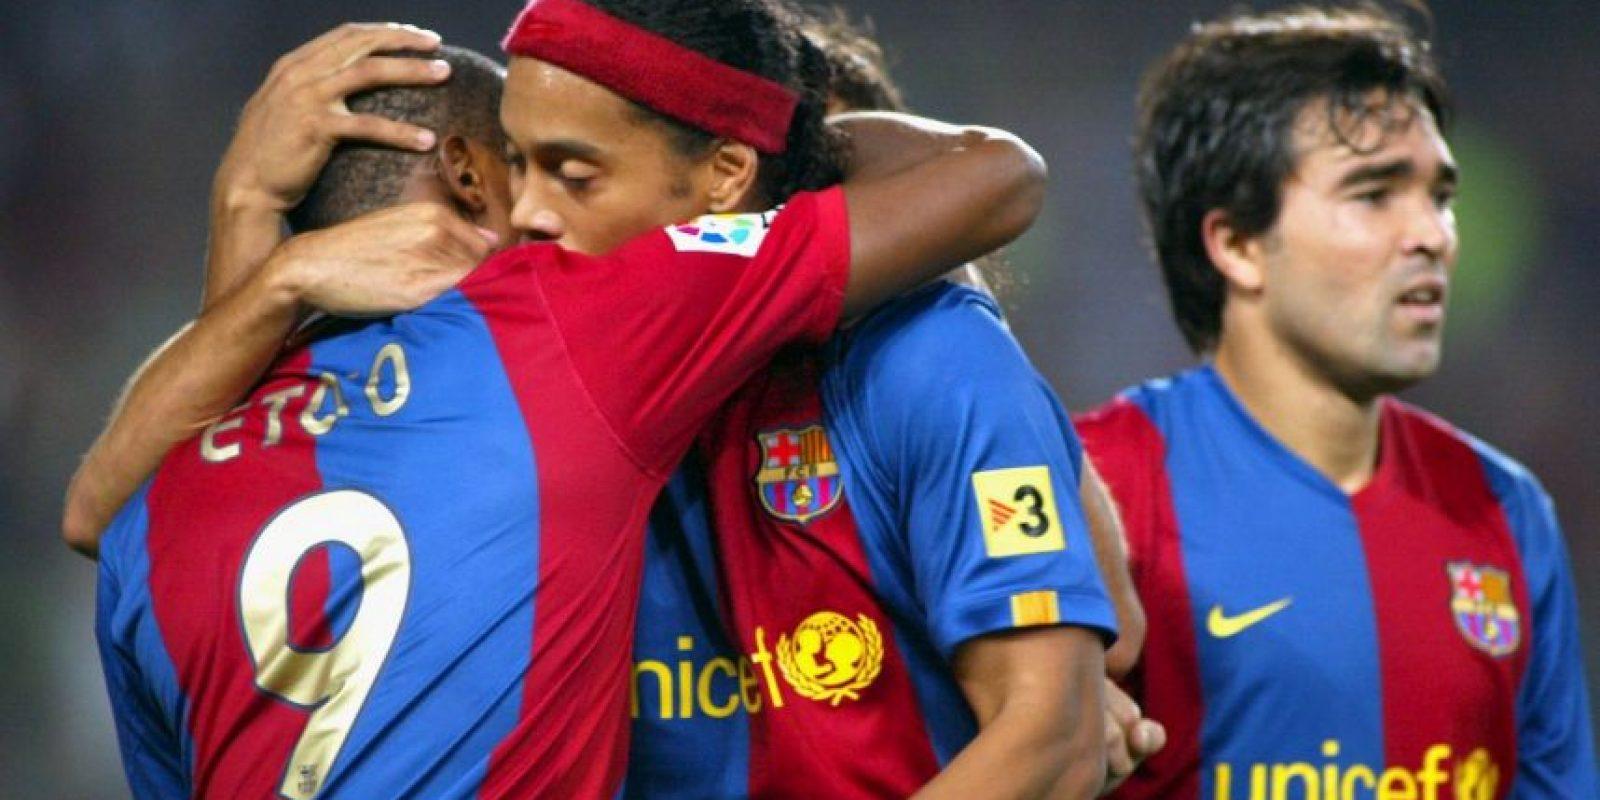 Fueron piezas fundamentales en el Barça de Frank Rijkaard que ganó la Champions League de 2006. Foto:Getty Images